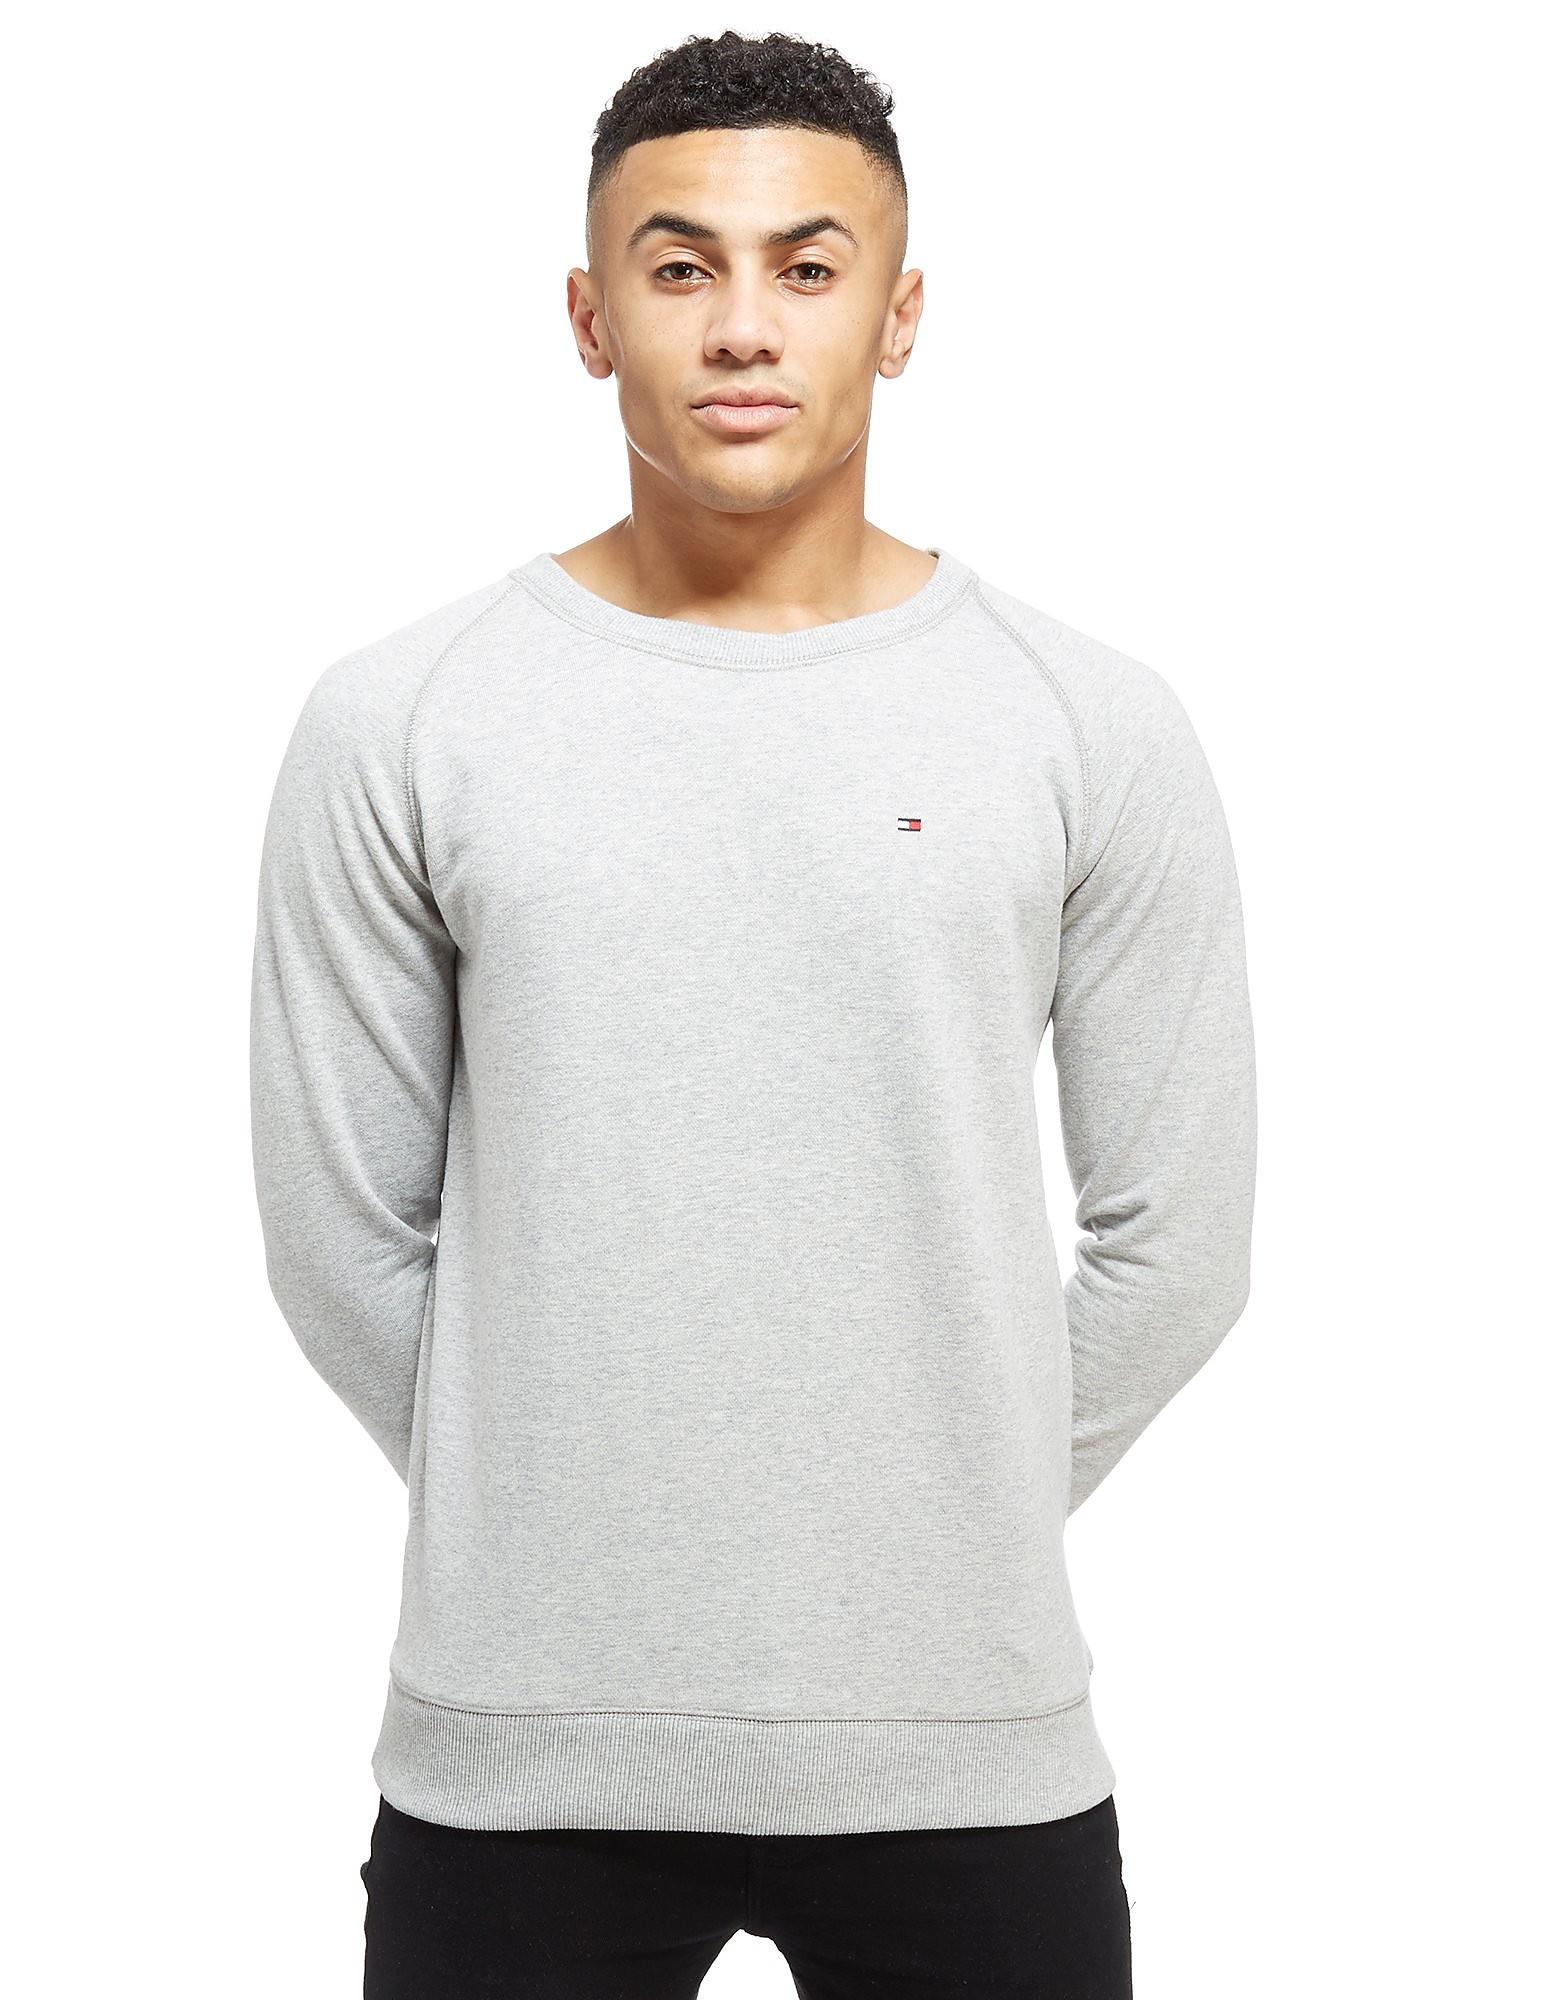 Tommy Hilfiger Crew Sweatshirt